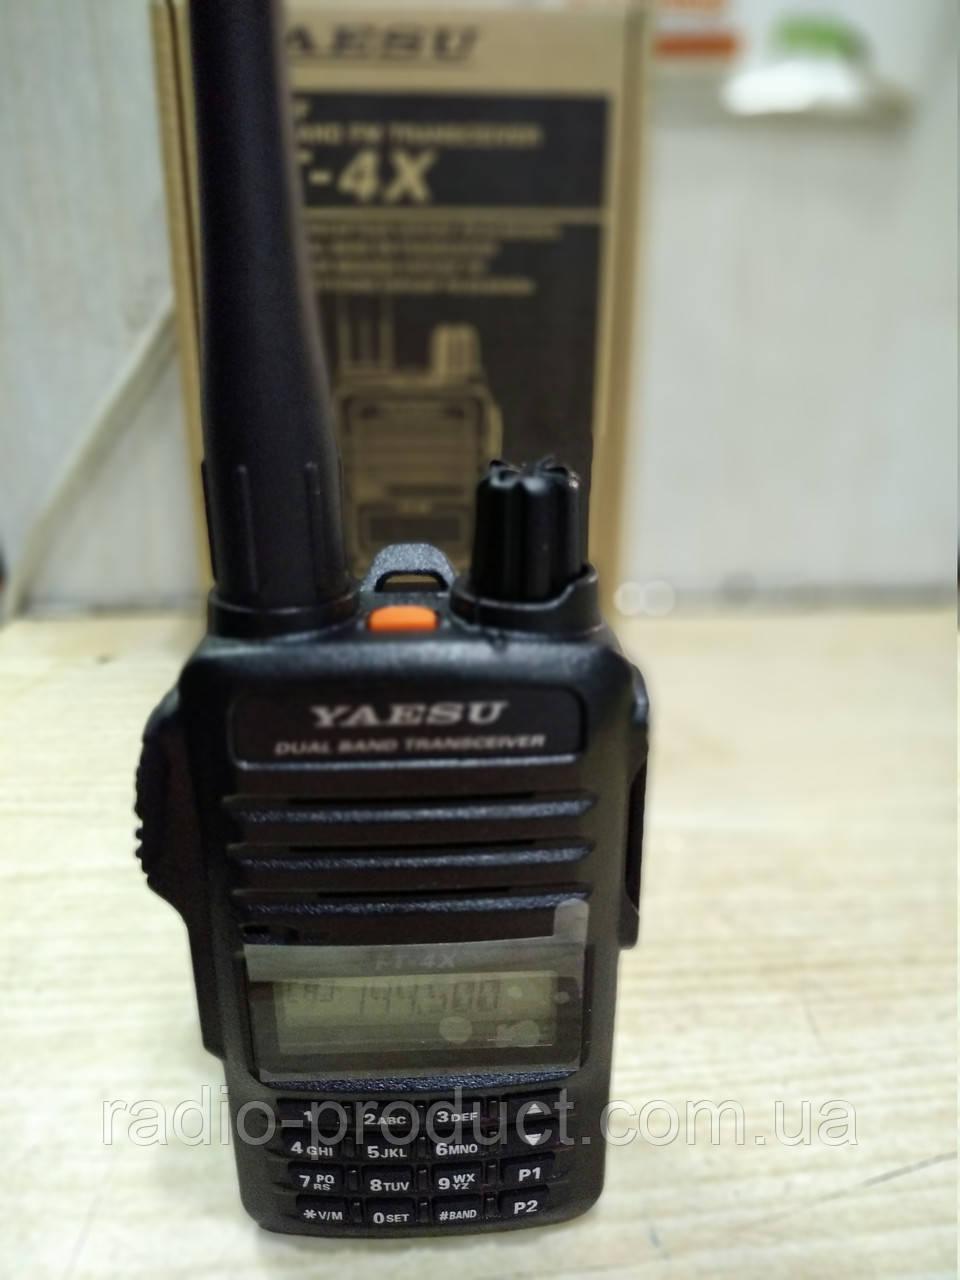 Yaesu FT-4X, двухдиапазонная портативная радиостанция